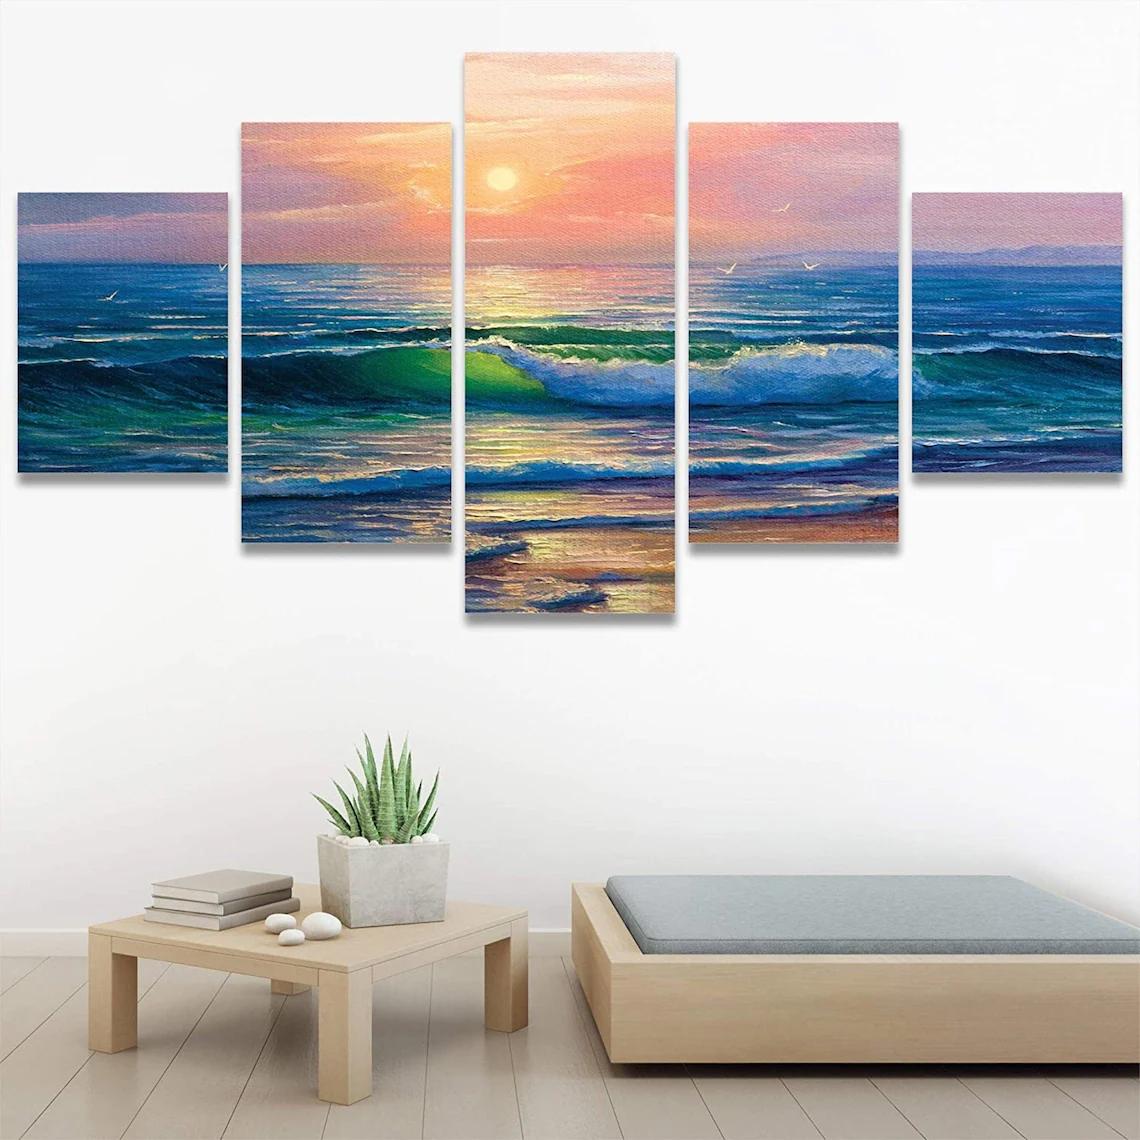 Beach Sunset Wall Art 5 Piece 1